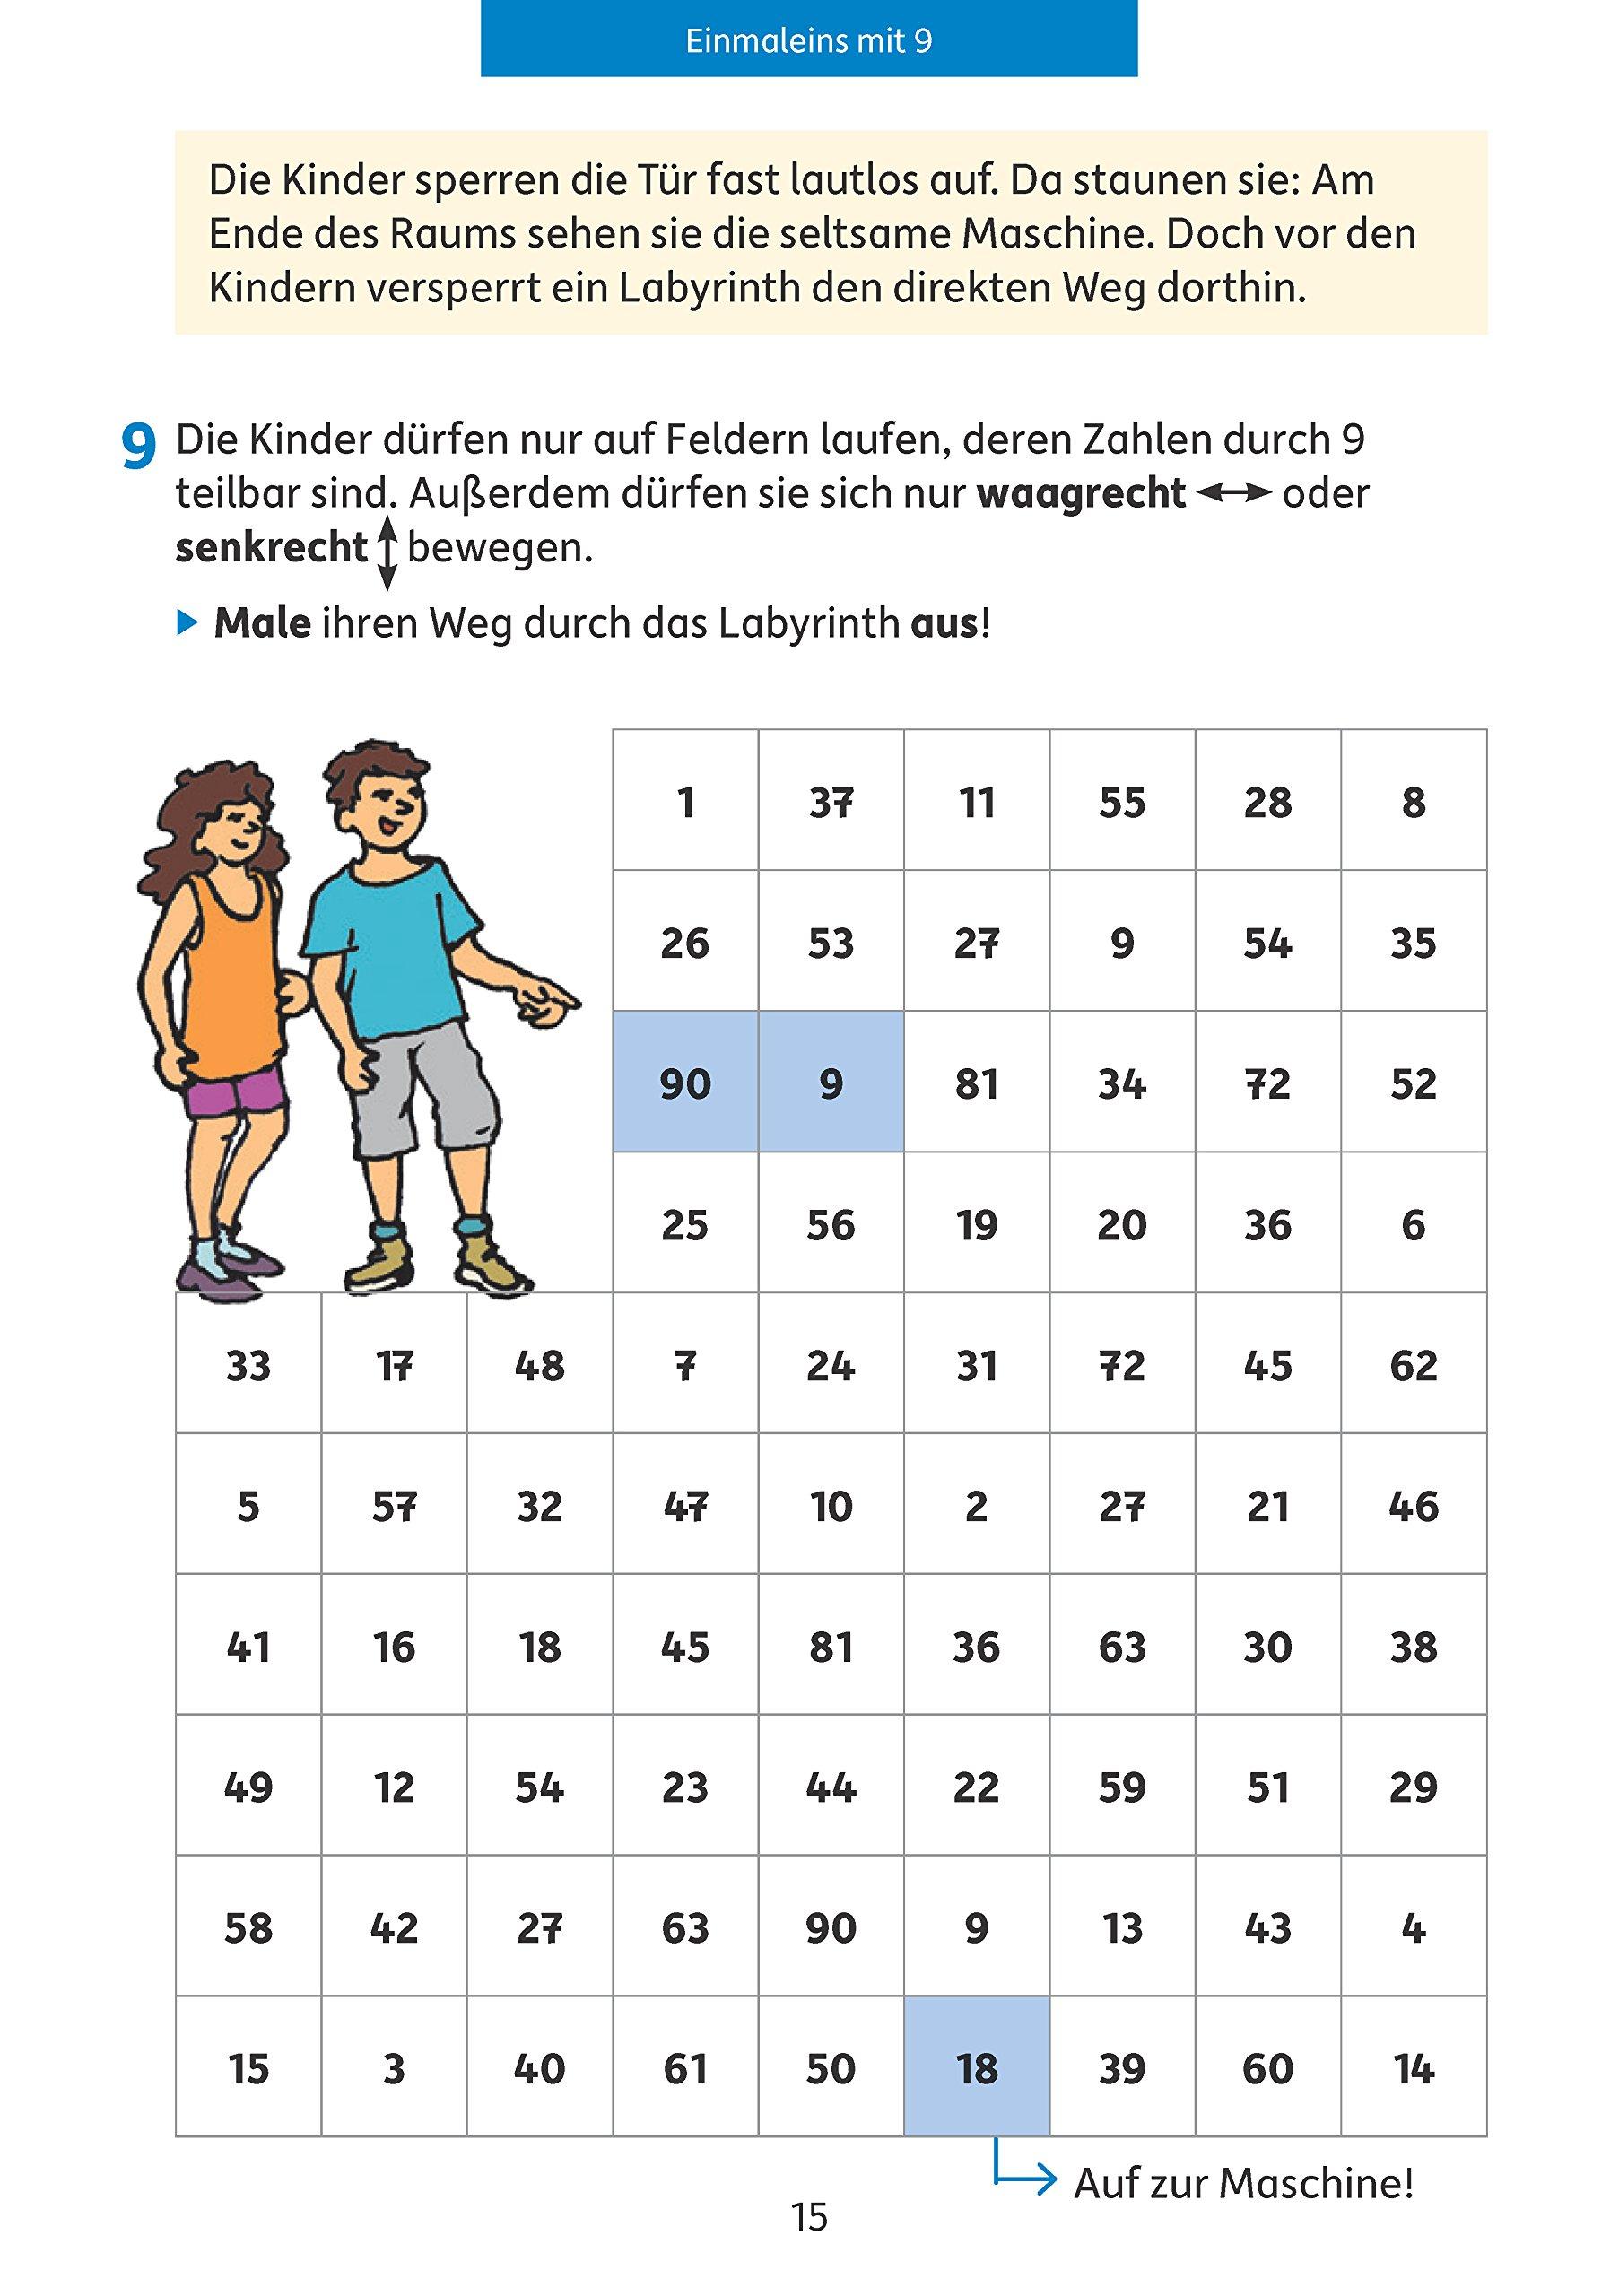 Wunderbar Grundrechen Fragen Ideen - Übungen Mathe ...